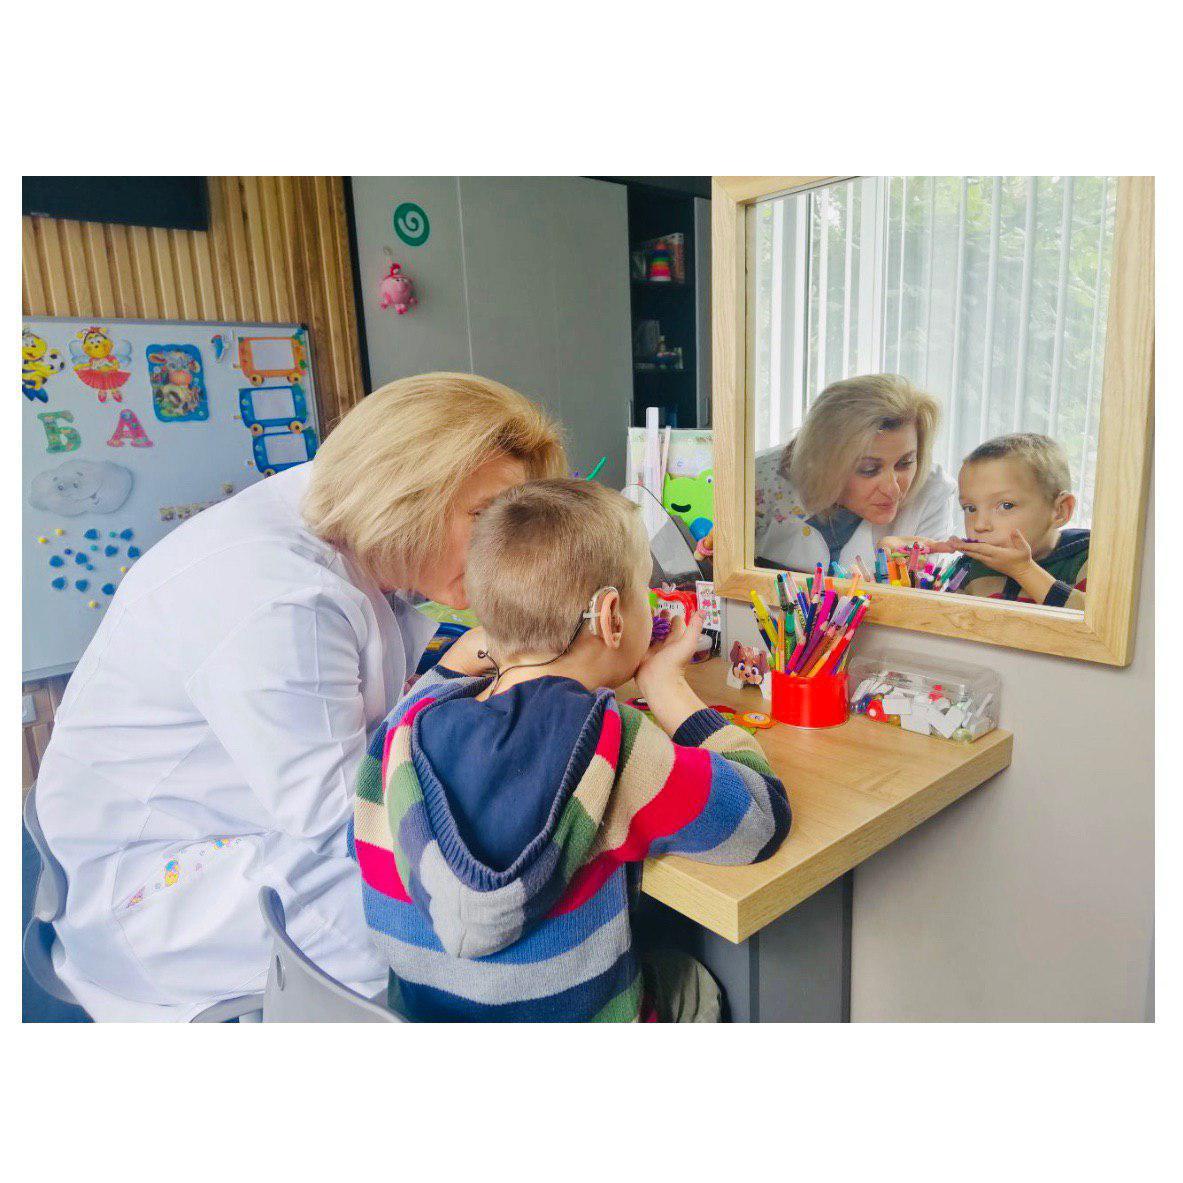 Сурдопедагог - фахівець з навчання дітей з порушенням слуху